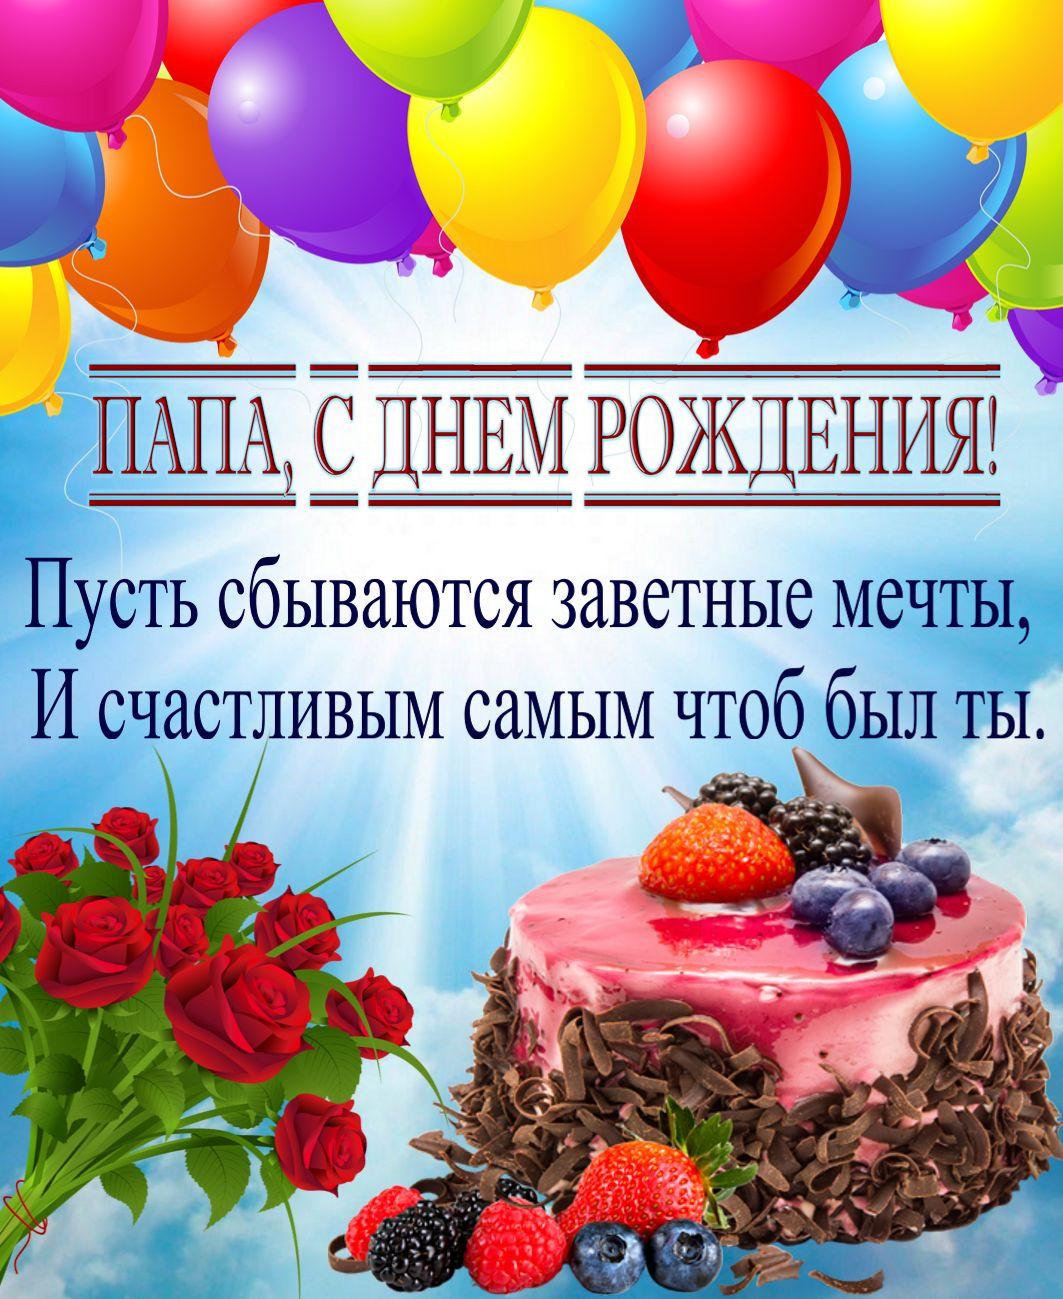 поздравления с днем рождения папе саша красивое романтичное место